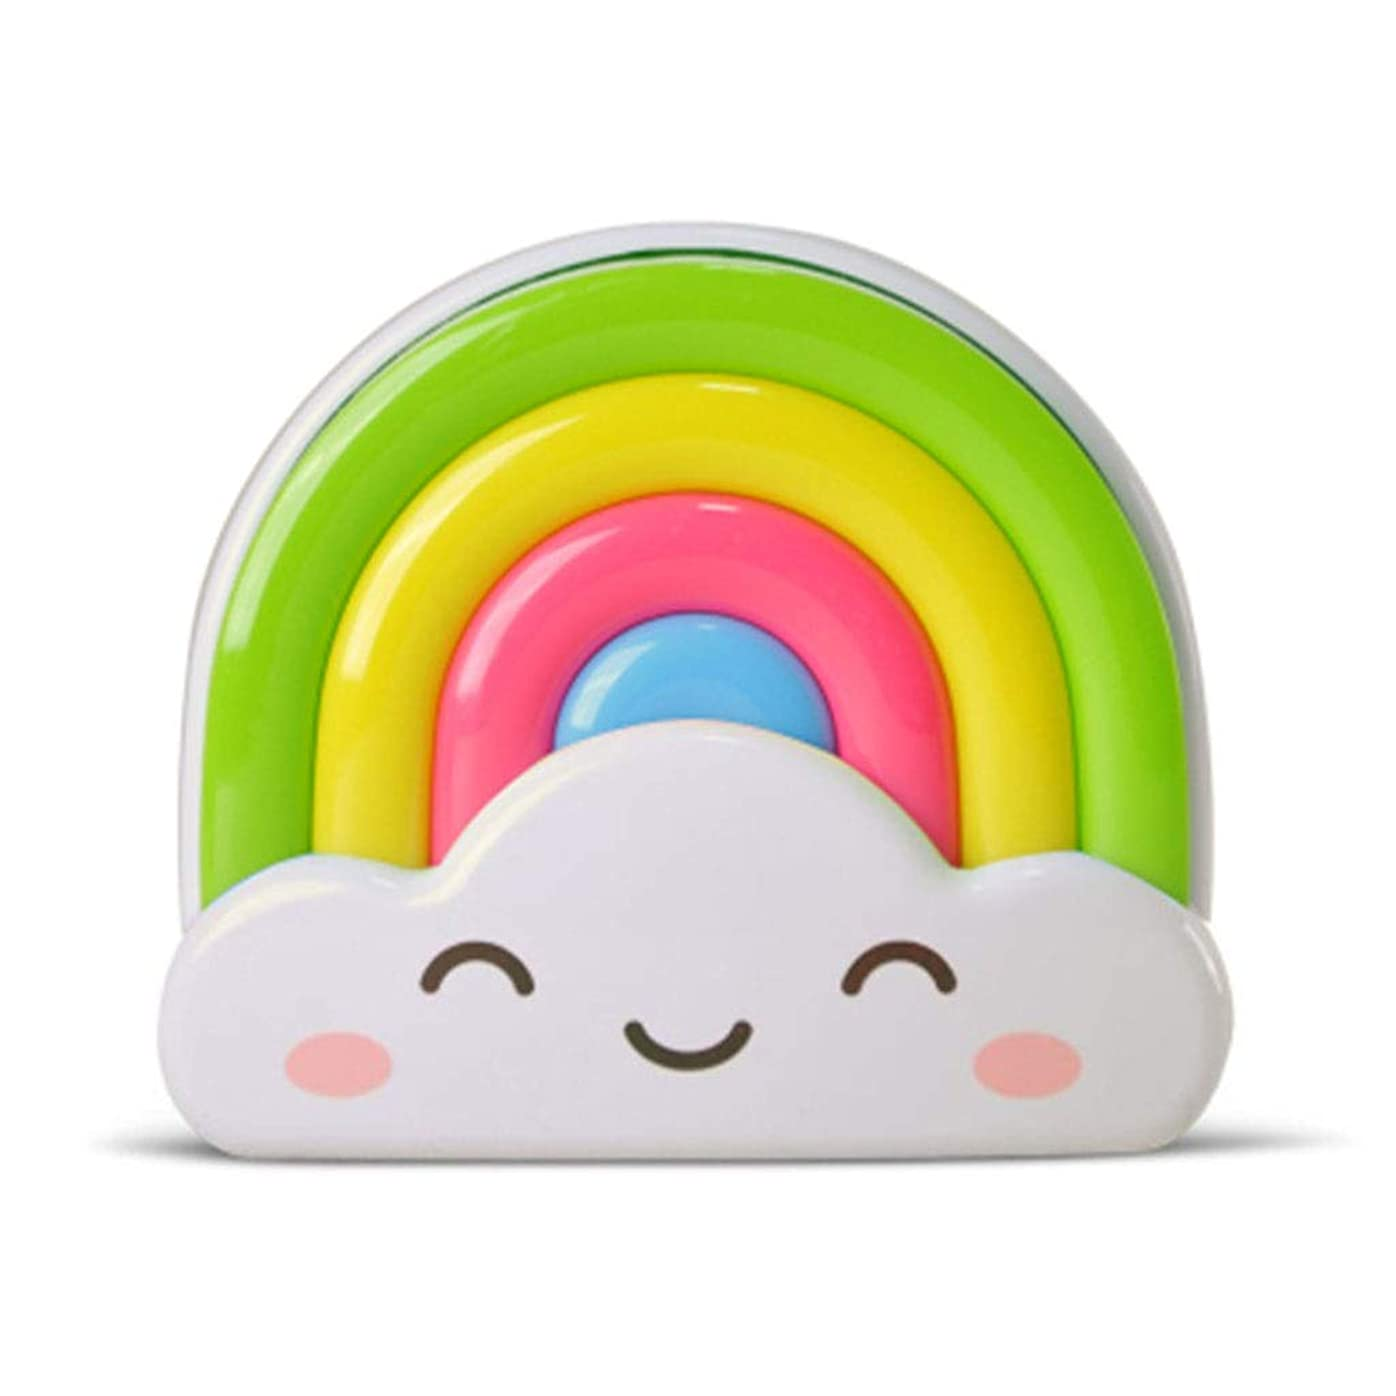 チケット元の価値のないLEDナイトライト LEDリモコンナイトライトプラグかわいい子供の寝室ワイヤレスリモコン赤ちゃん壁ランプ LEDナイトライト (Color : A)